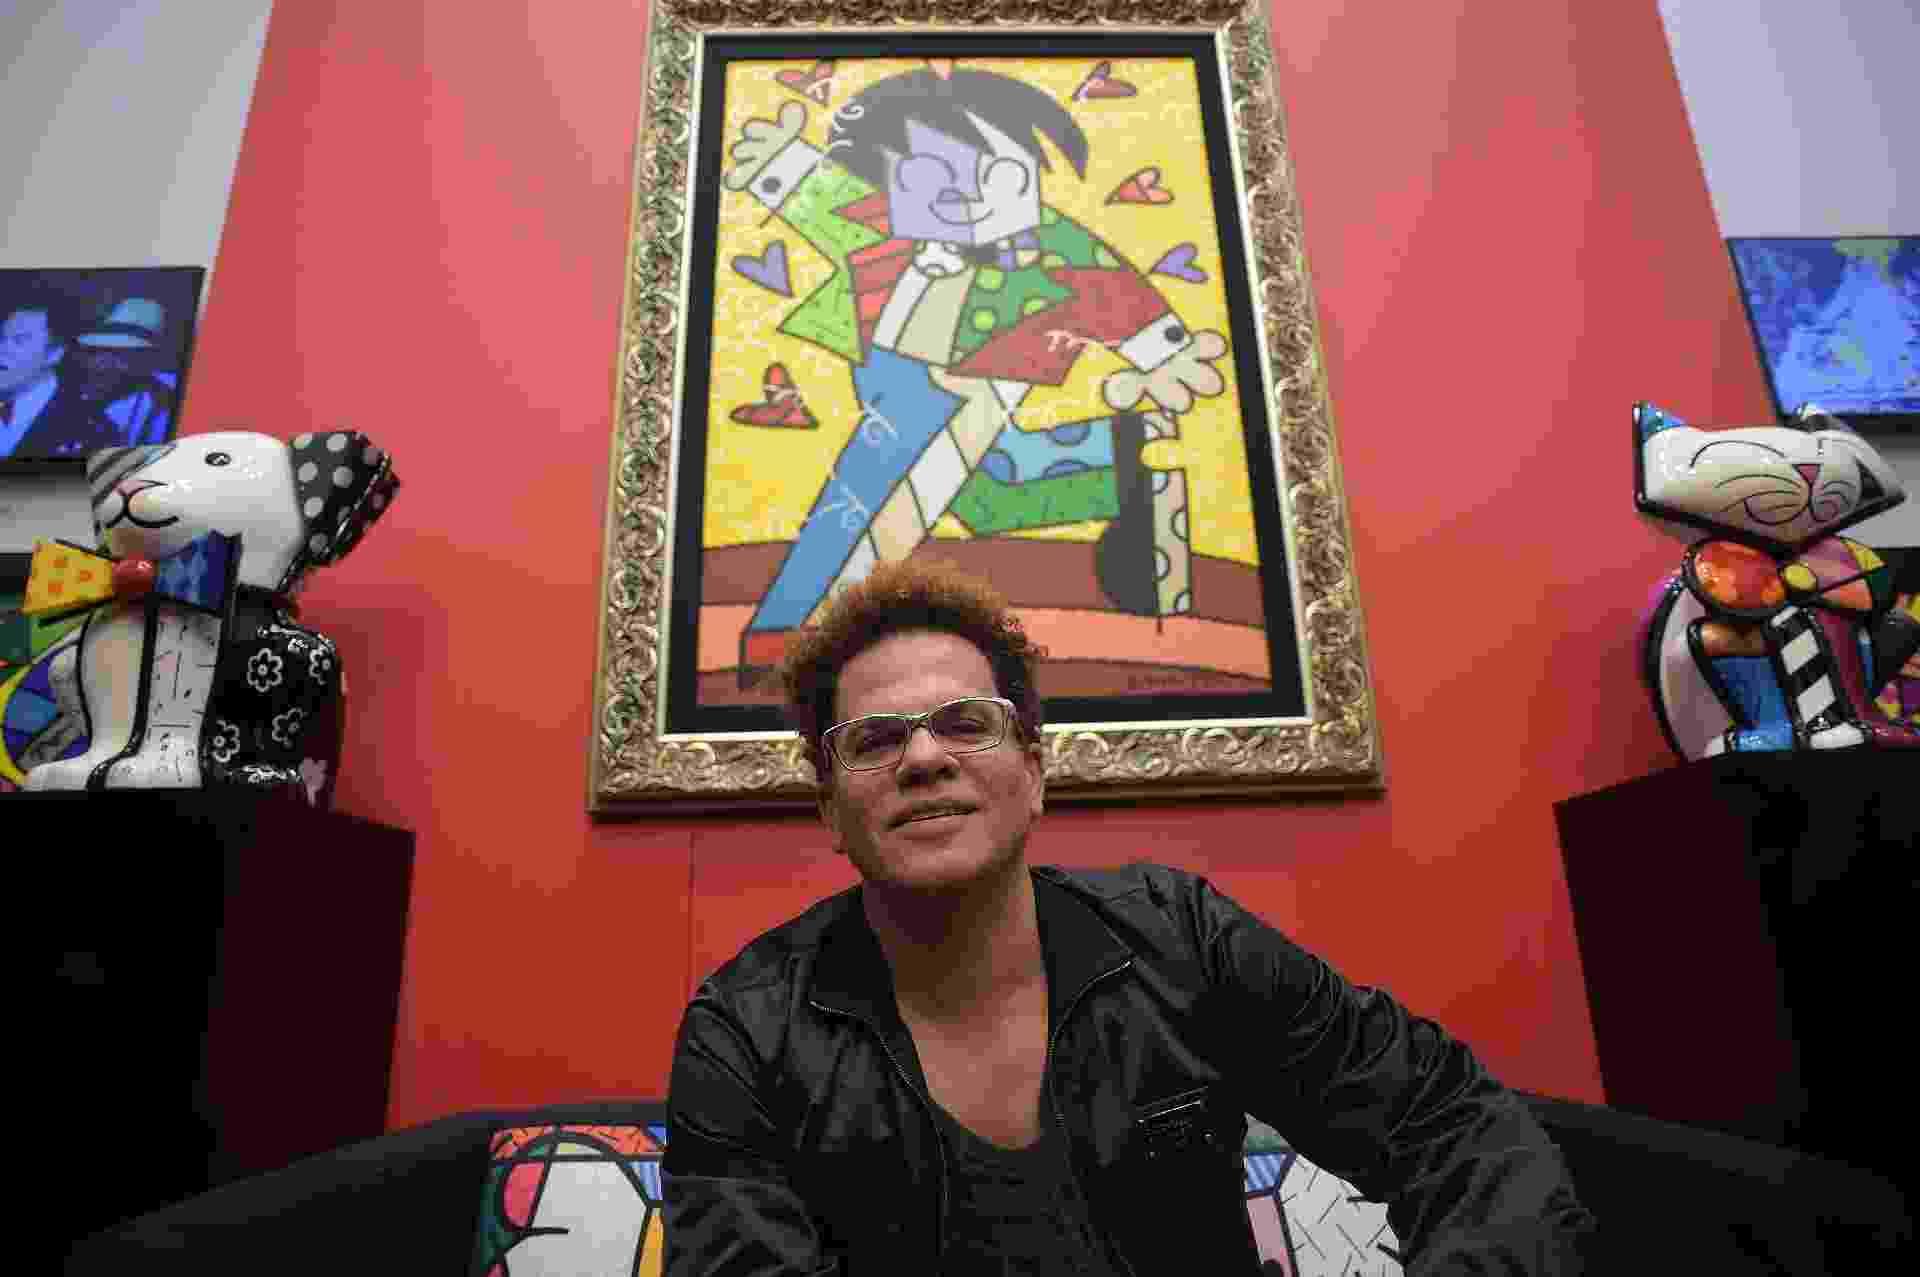 5.jul.2014 - O artista plástico Romero Britto faz tarde de autógrafos em galeria em shopping de Campos do Jordão (SP); quadro ao fundo vale R$ 250 mil - Reinaldo Canato/UOL